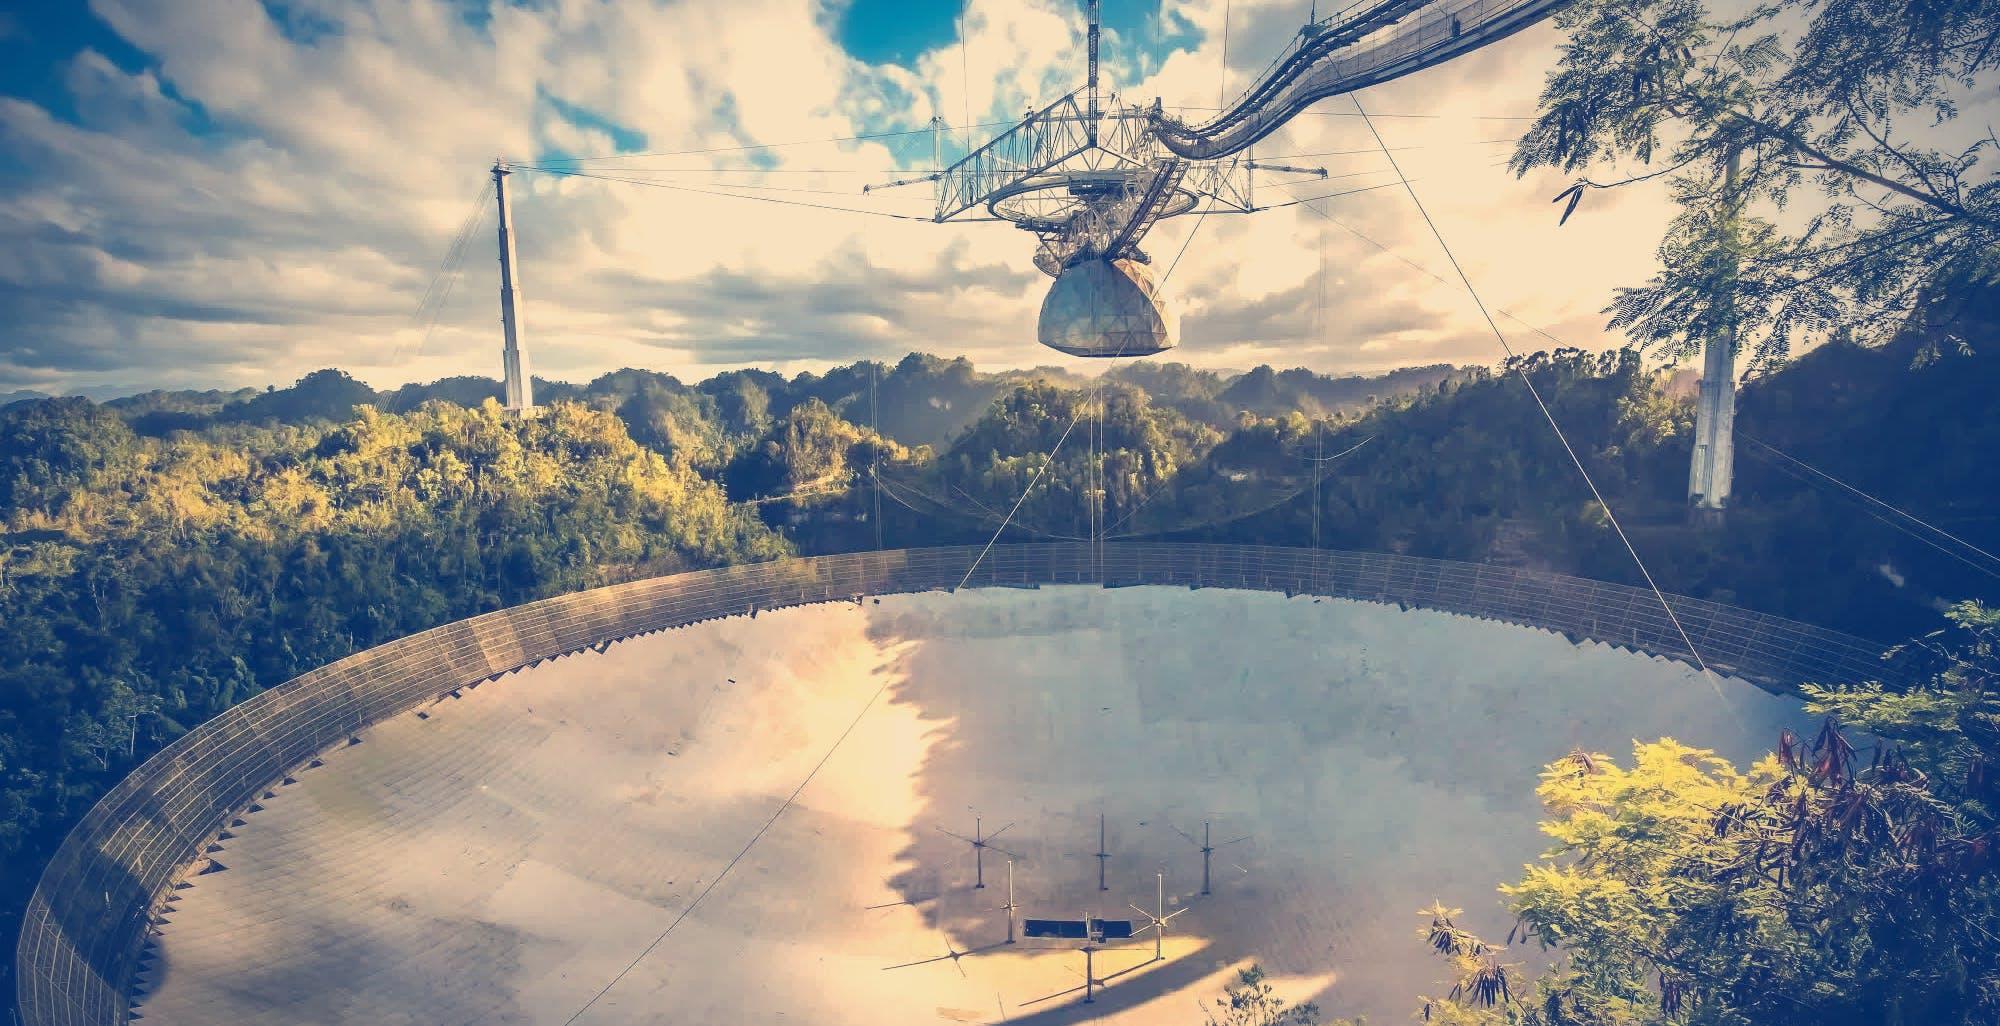 L'Osservatorio di Arecibo è crollato. Ma il suo messaggio più importante è ancora in viaggio nello spazio